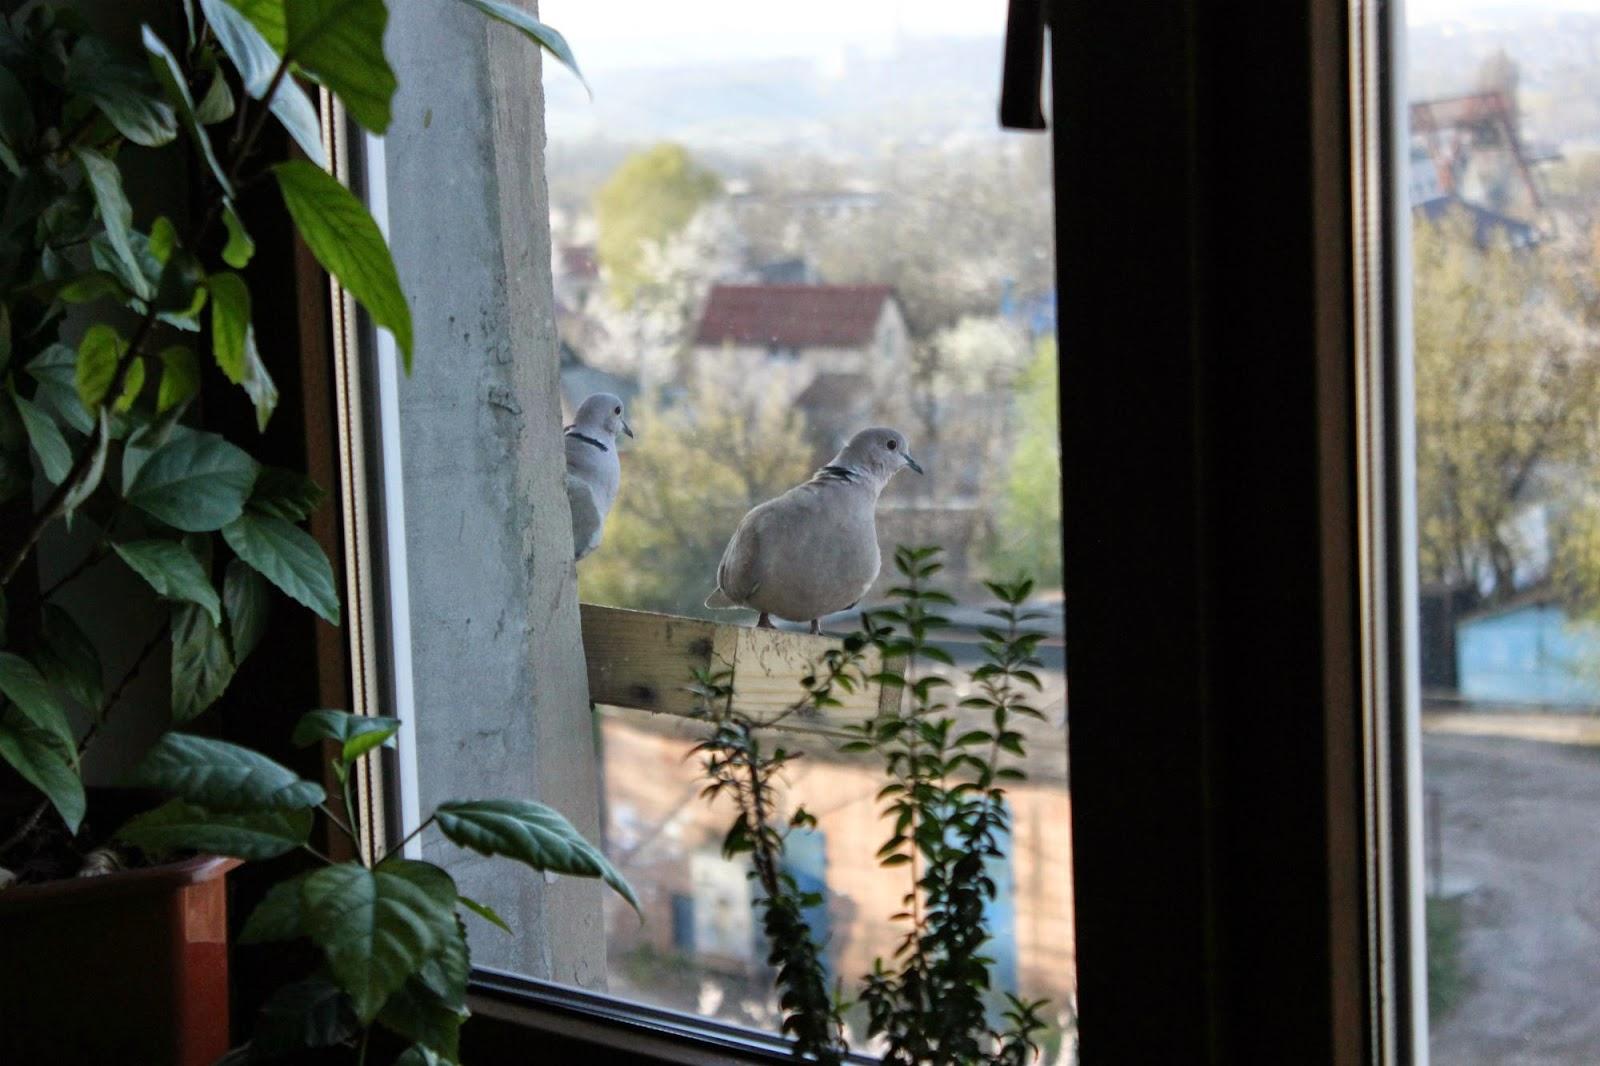 голуби на подоконнике, голубь, птицы, кормушка для птиц